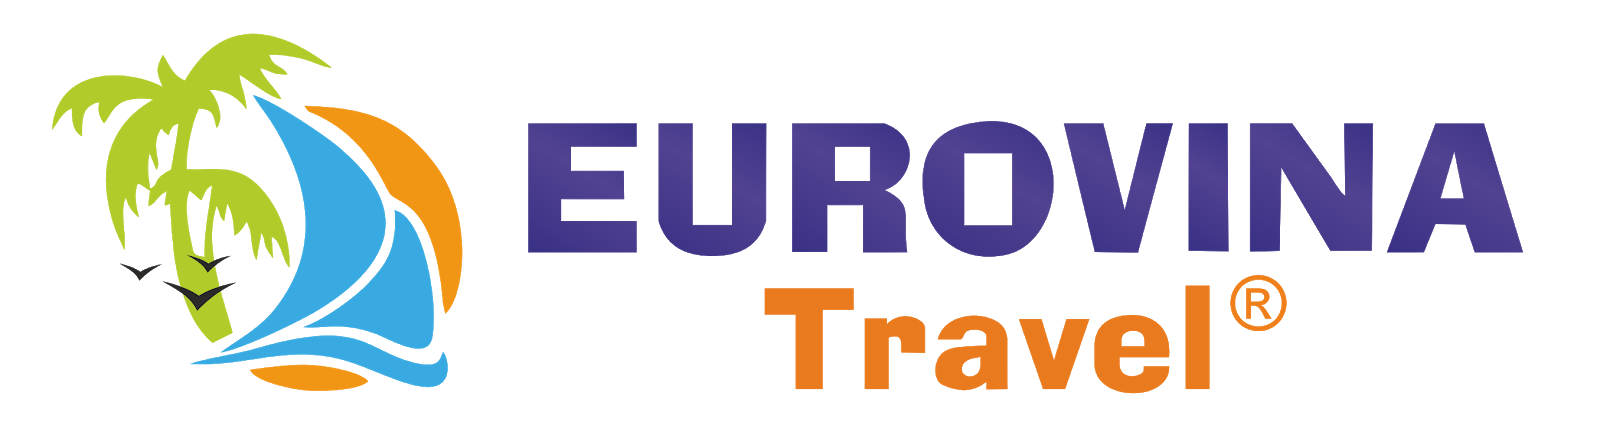 Du Lịch Châu Âu - Dịch vụ tour du lịch Châu Âu: MÙA THU NƯỚC NGA - SANT PETERSBURG   - MATXCOVA 5 ngày đêm